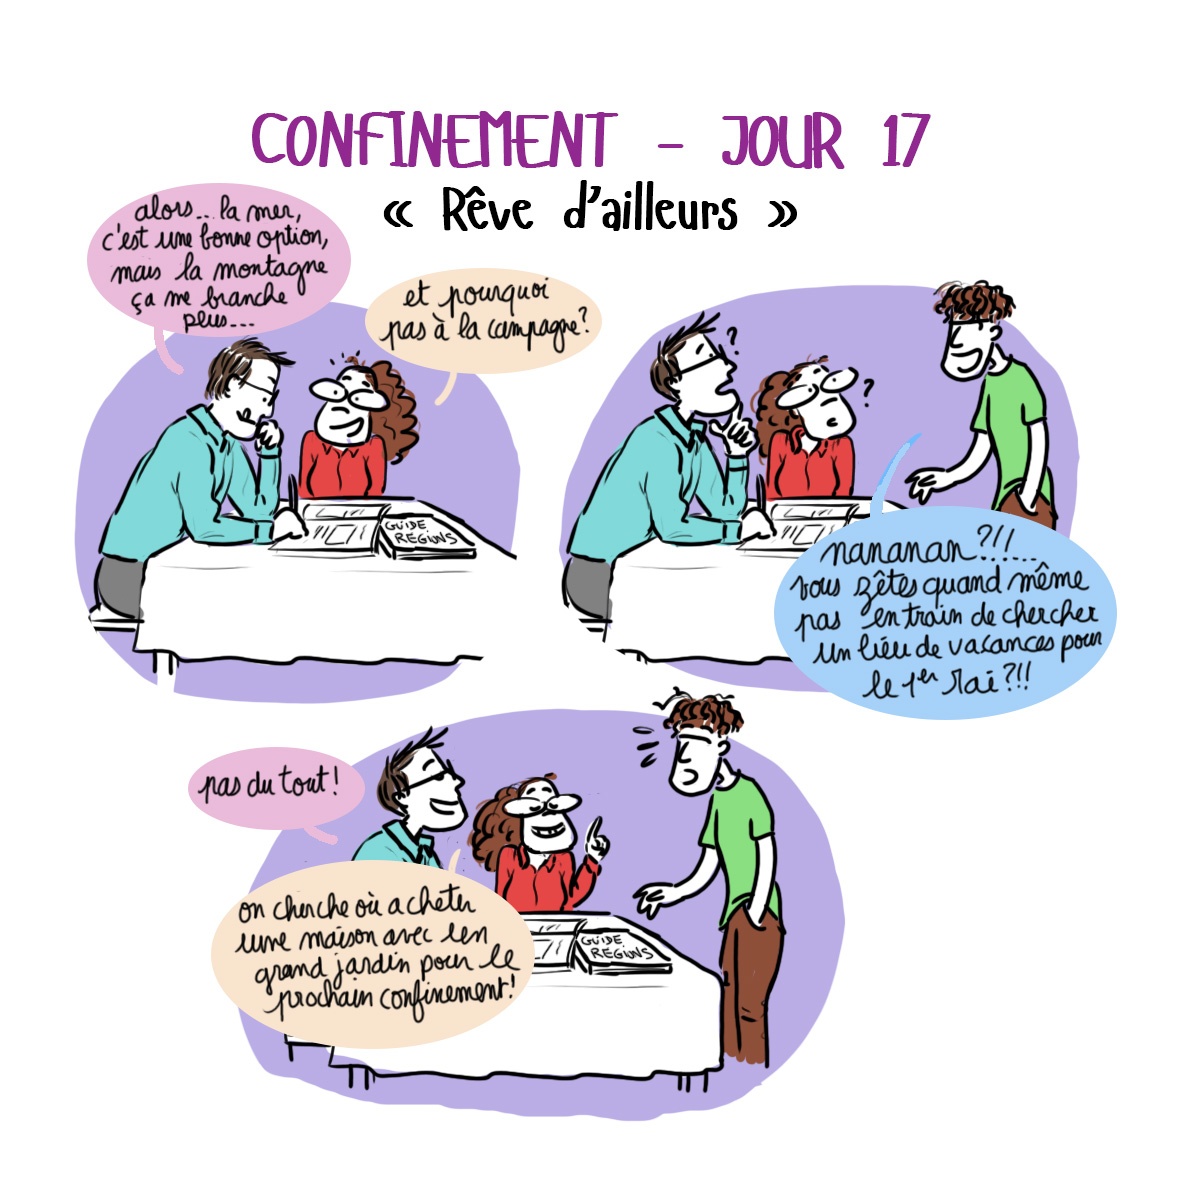 Journal de confinement - jour 17